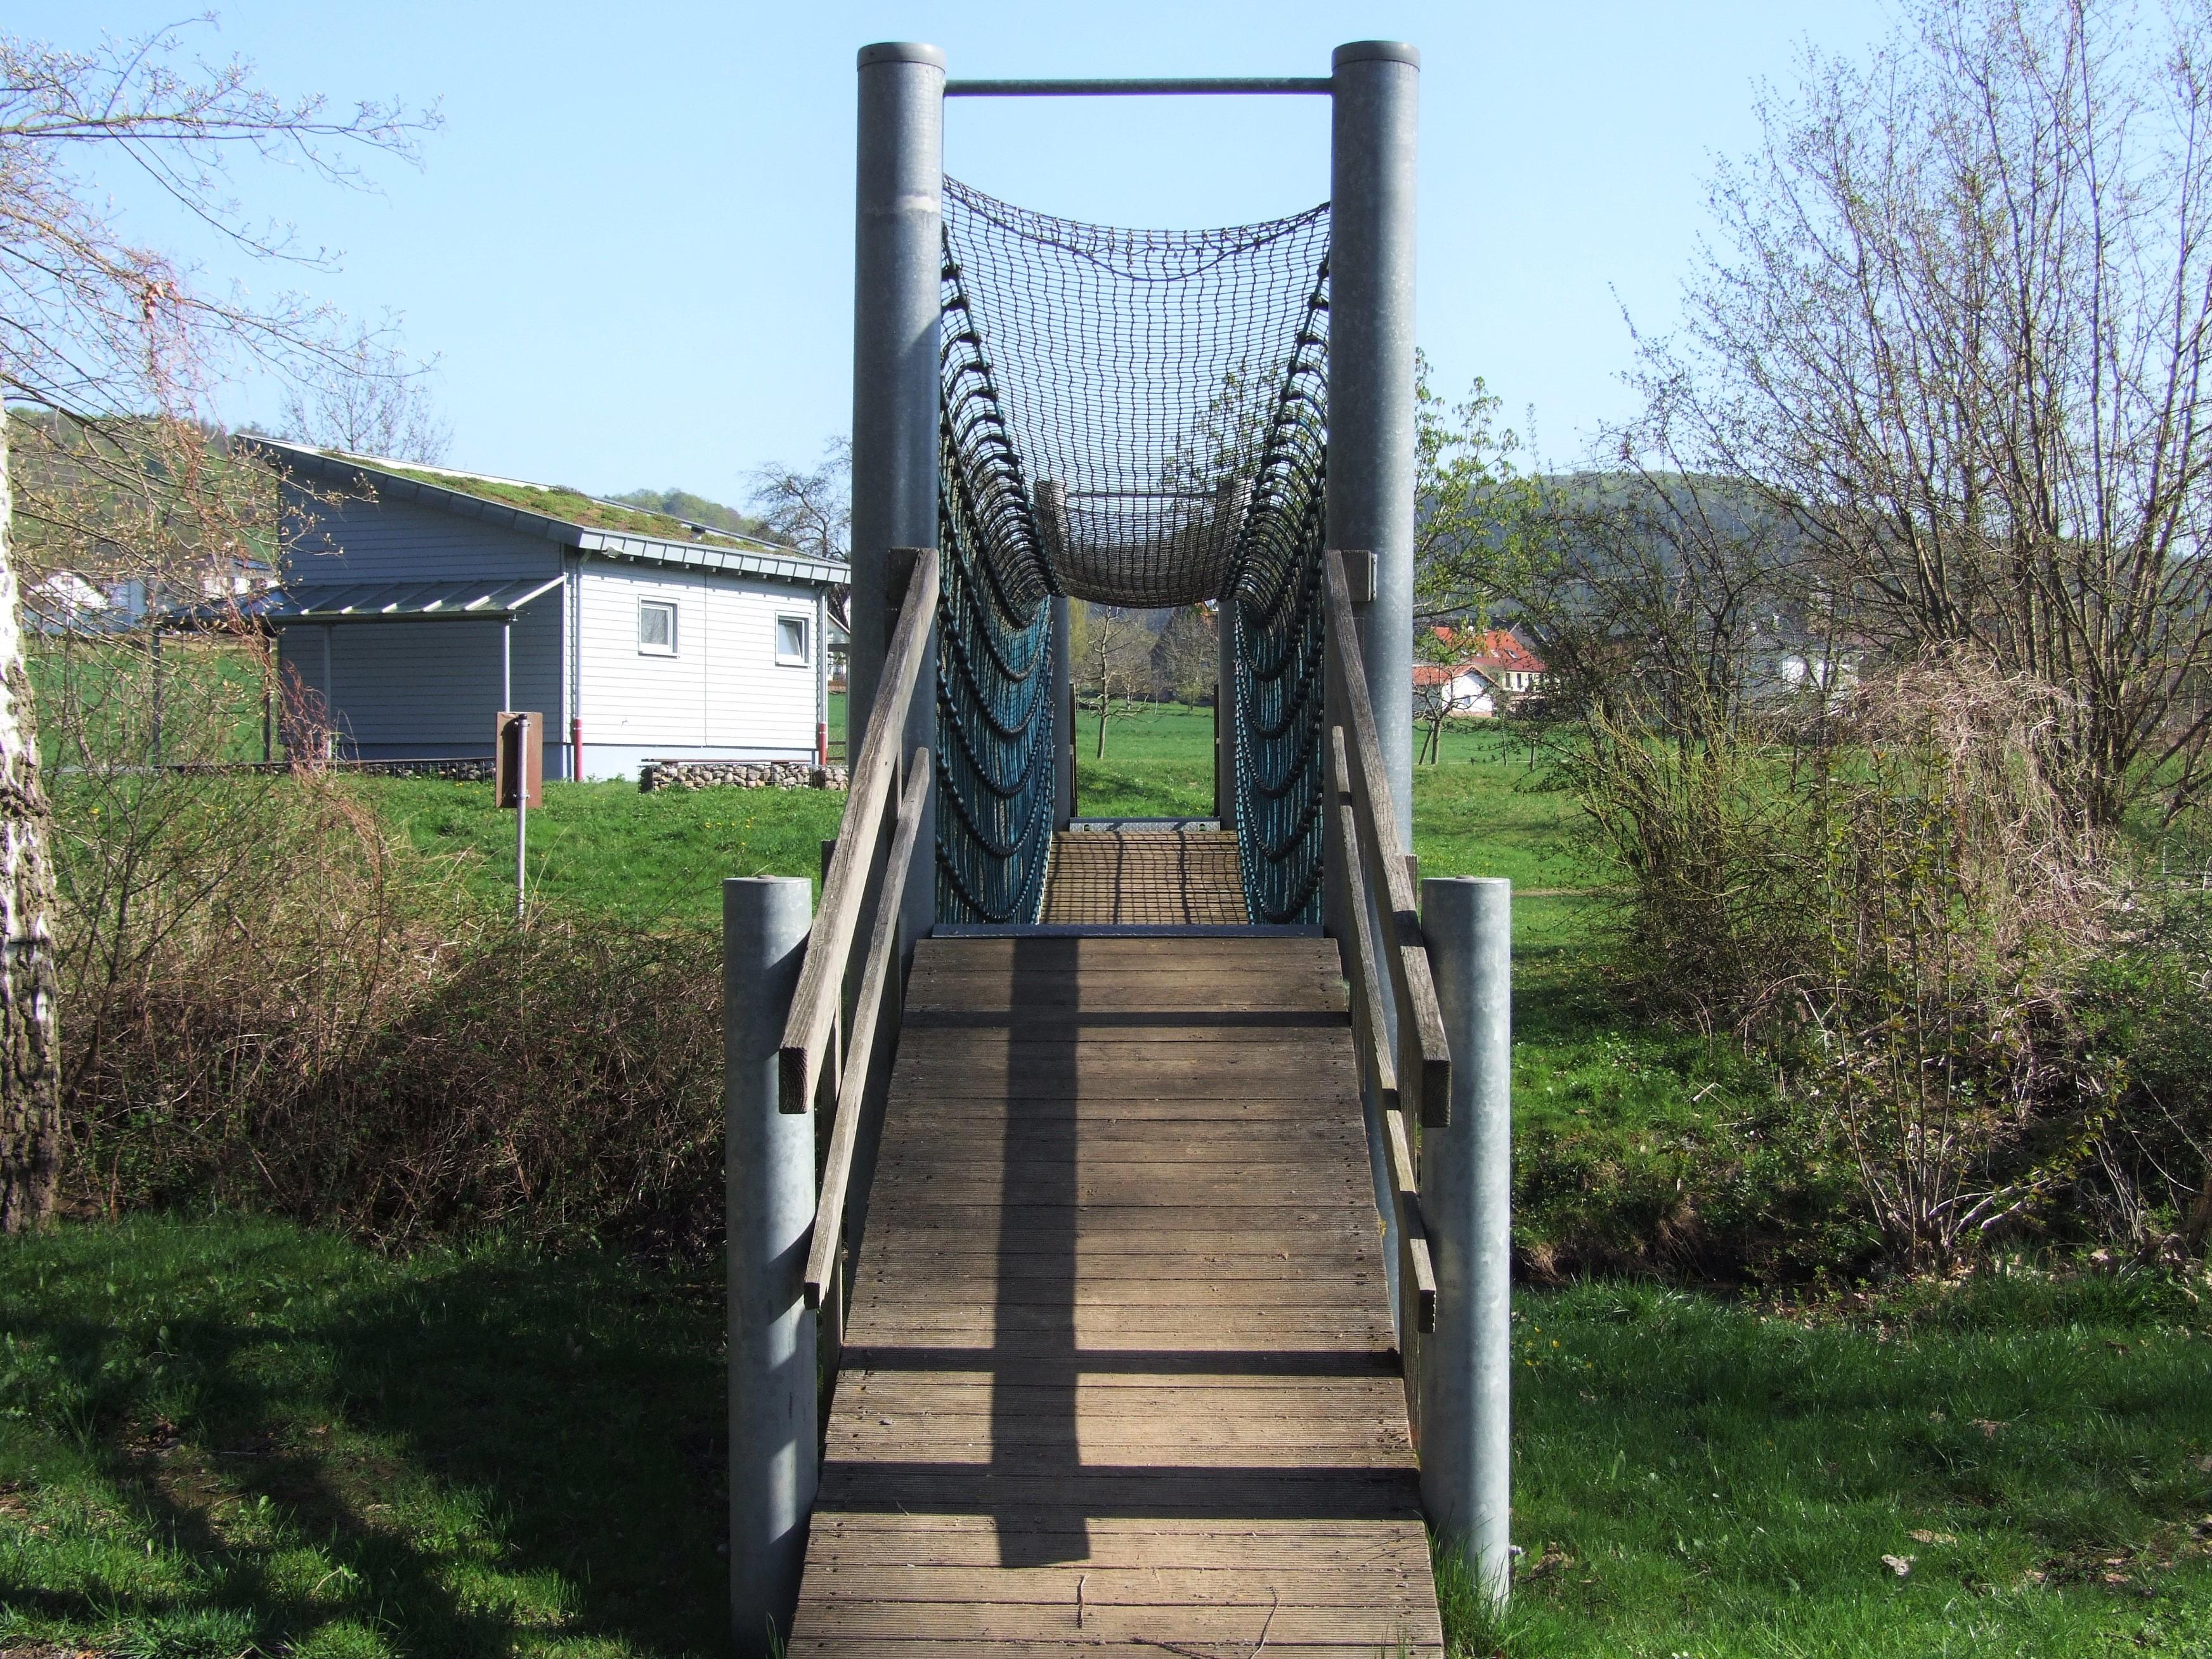 Hängebrücke in der Freizeitanlage Spicke. (Foto: Uli Klein)